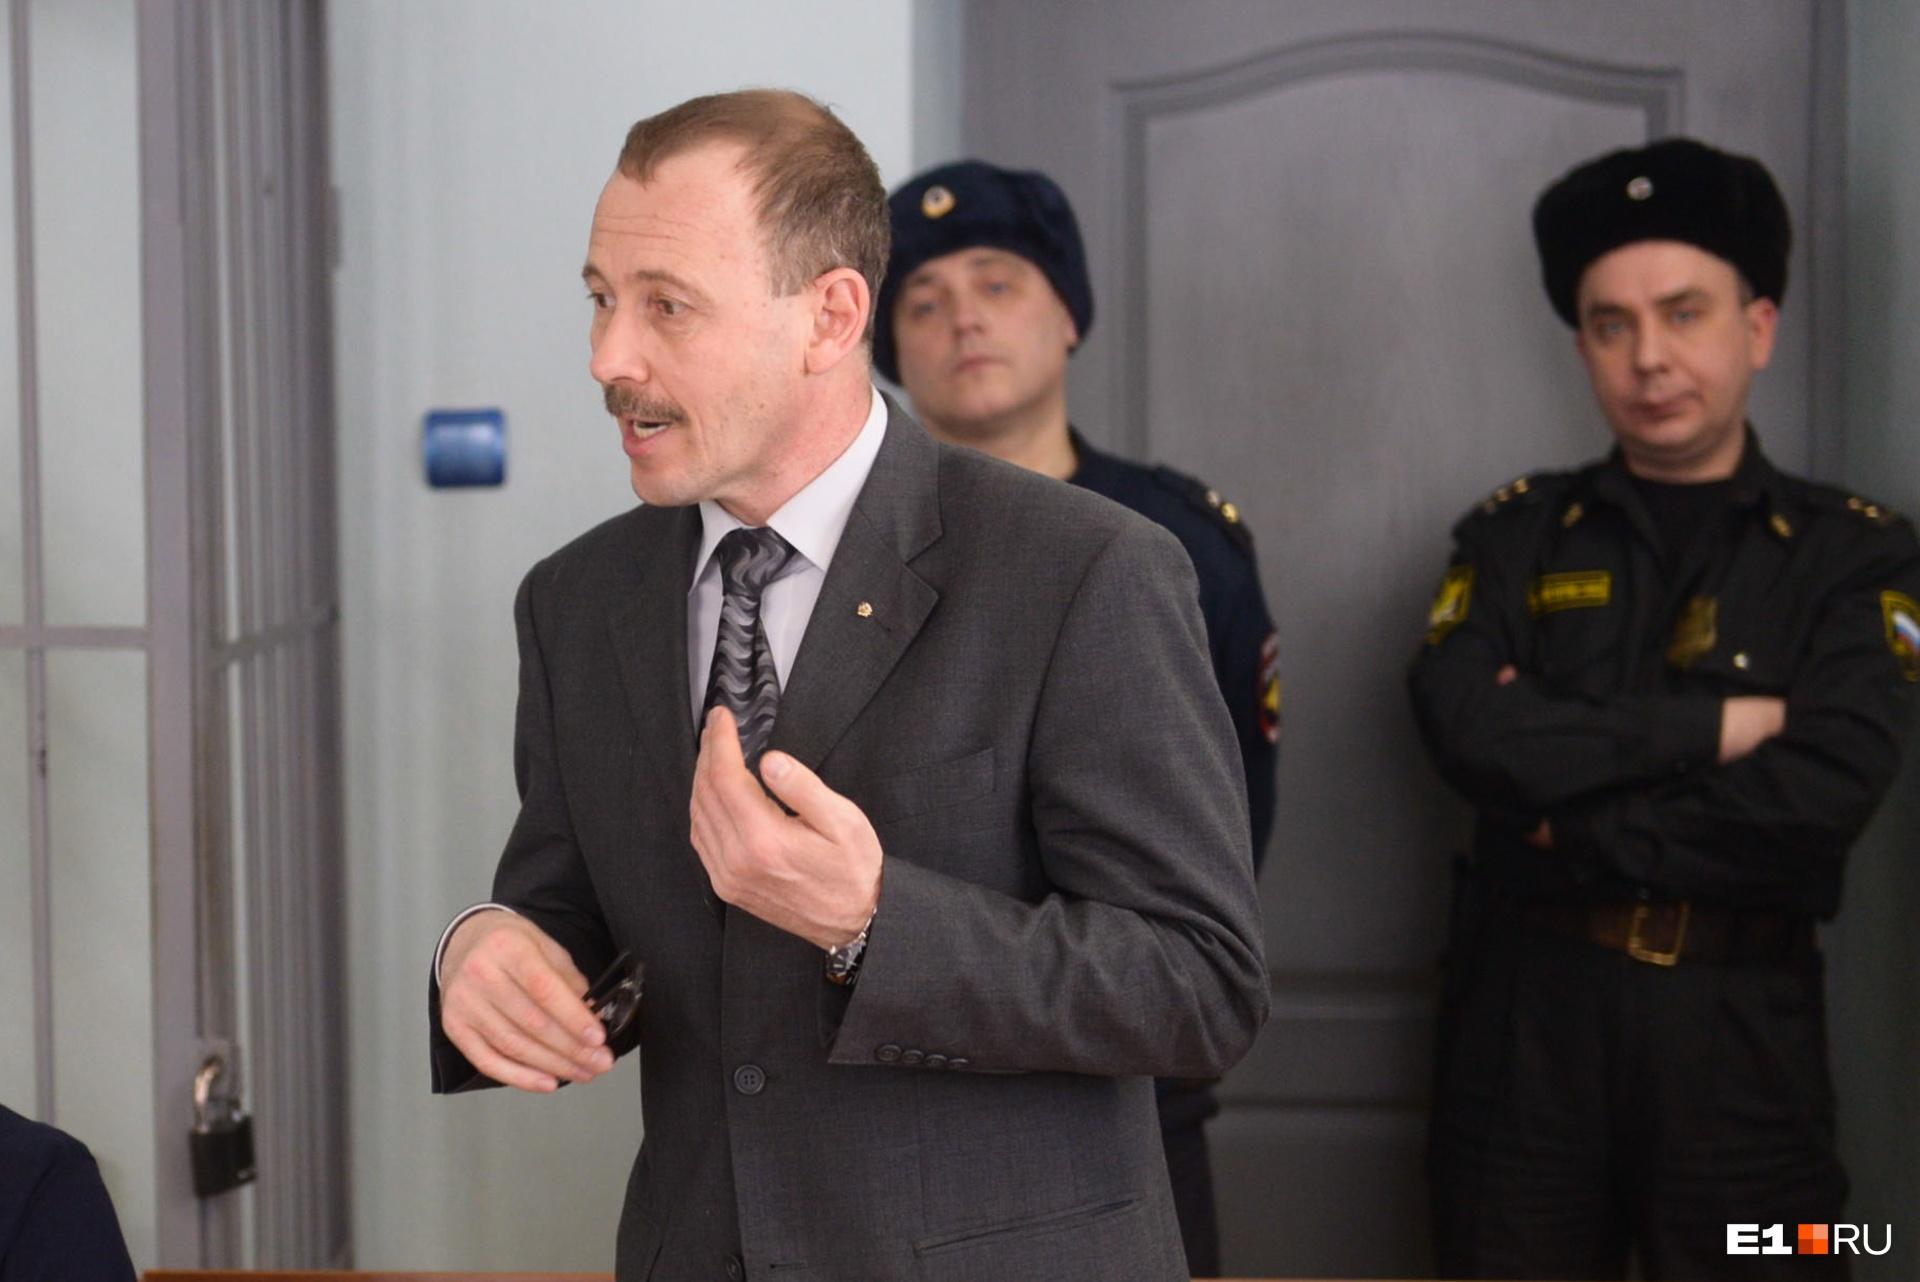 Сергей Колосовский уверен, что следствию не удалось собрать каких-либо убедительных доказательств вины Миронова